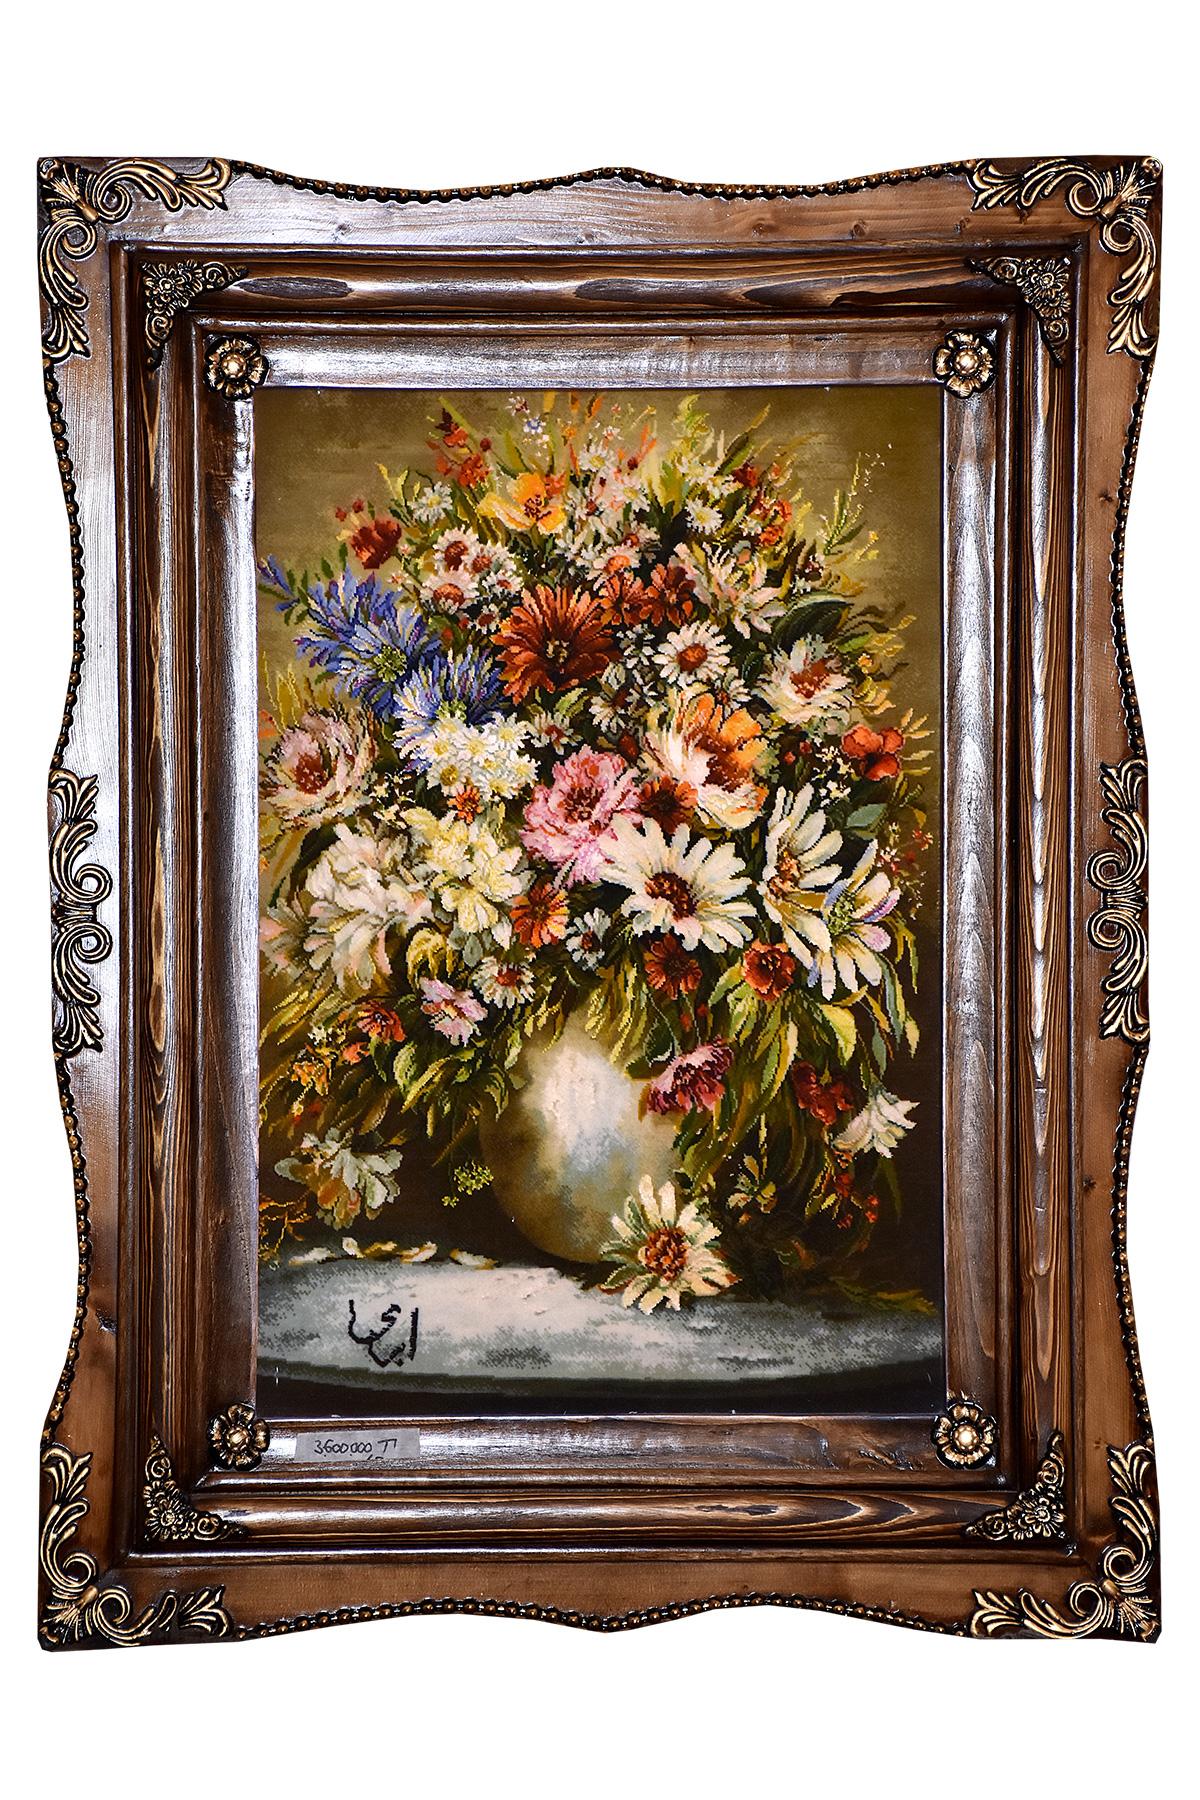 تابلو فرش دستباف گلدان اثر استاد ابری